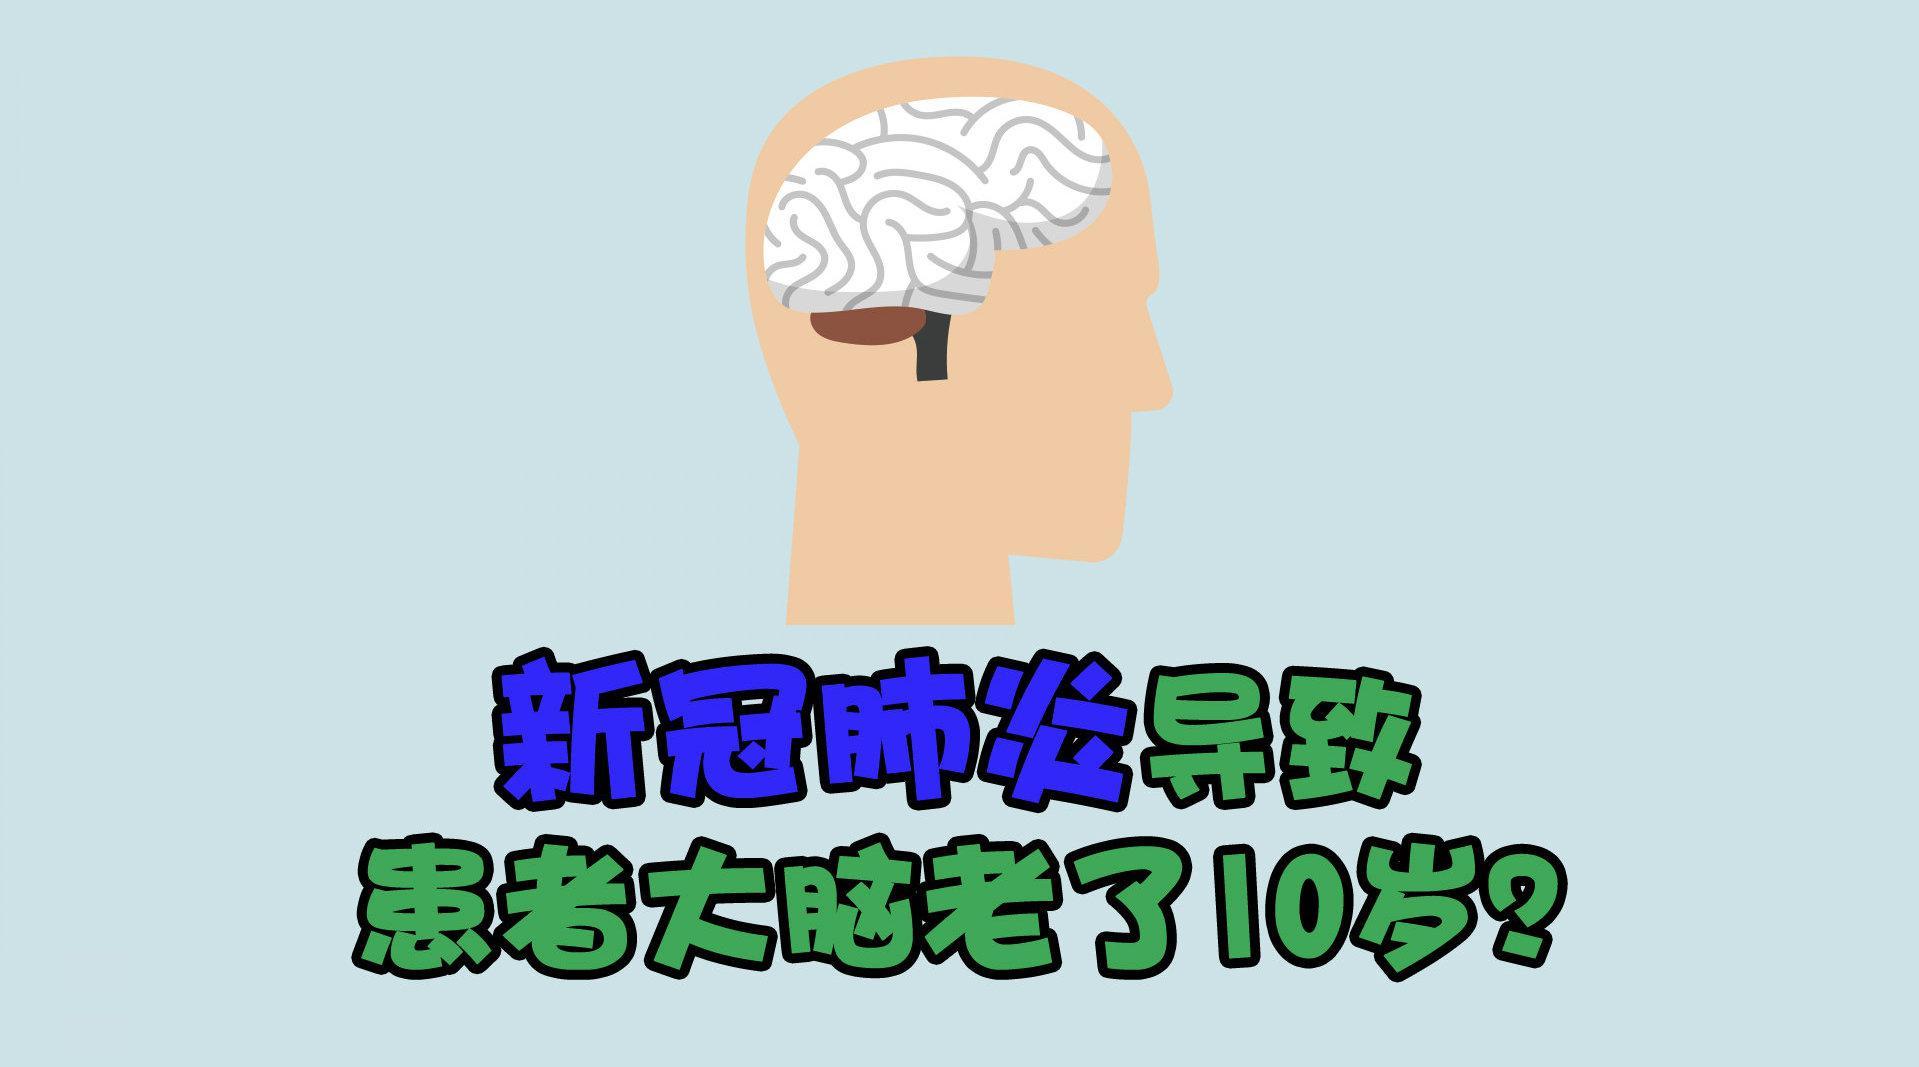 新冠肺炎导致患者大脑老十岁?抗病毒才是关键